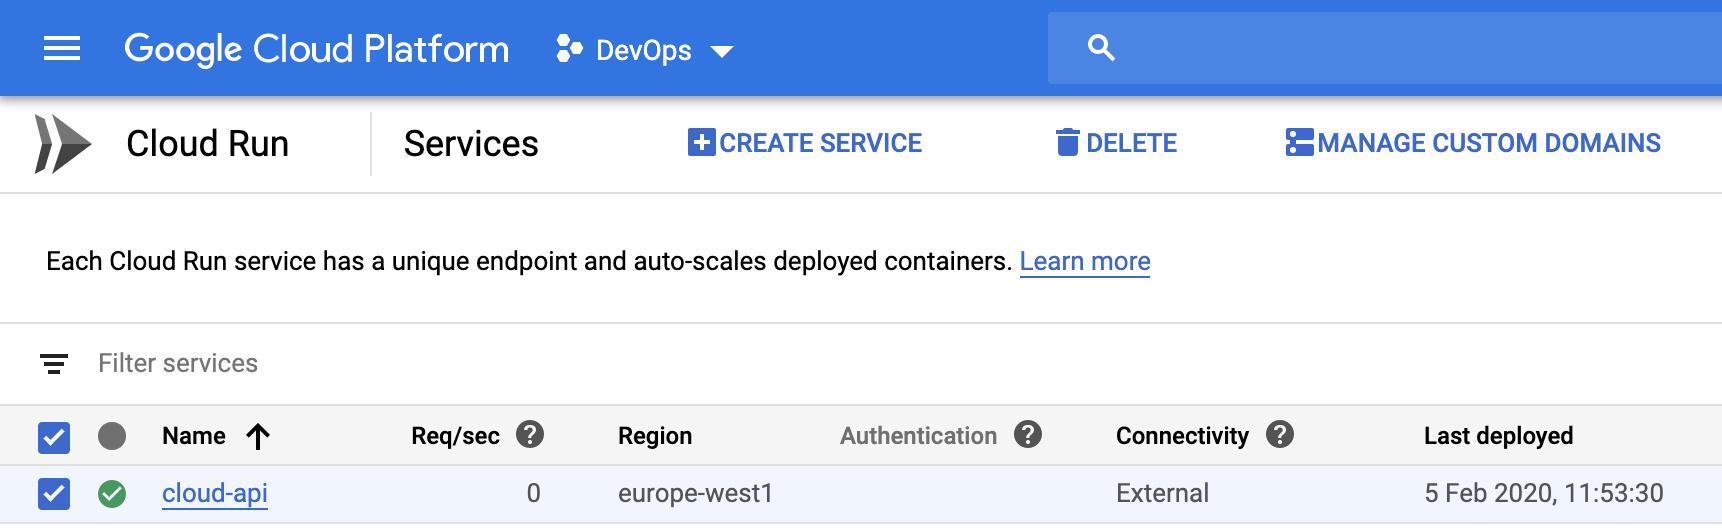 Google Cloud Console: Services